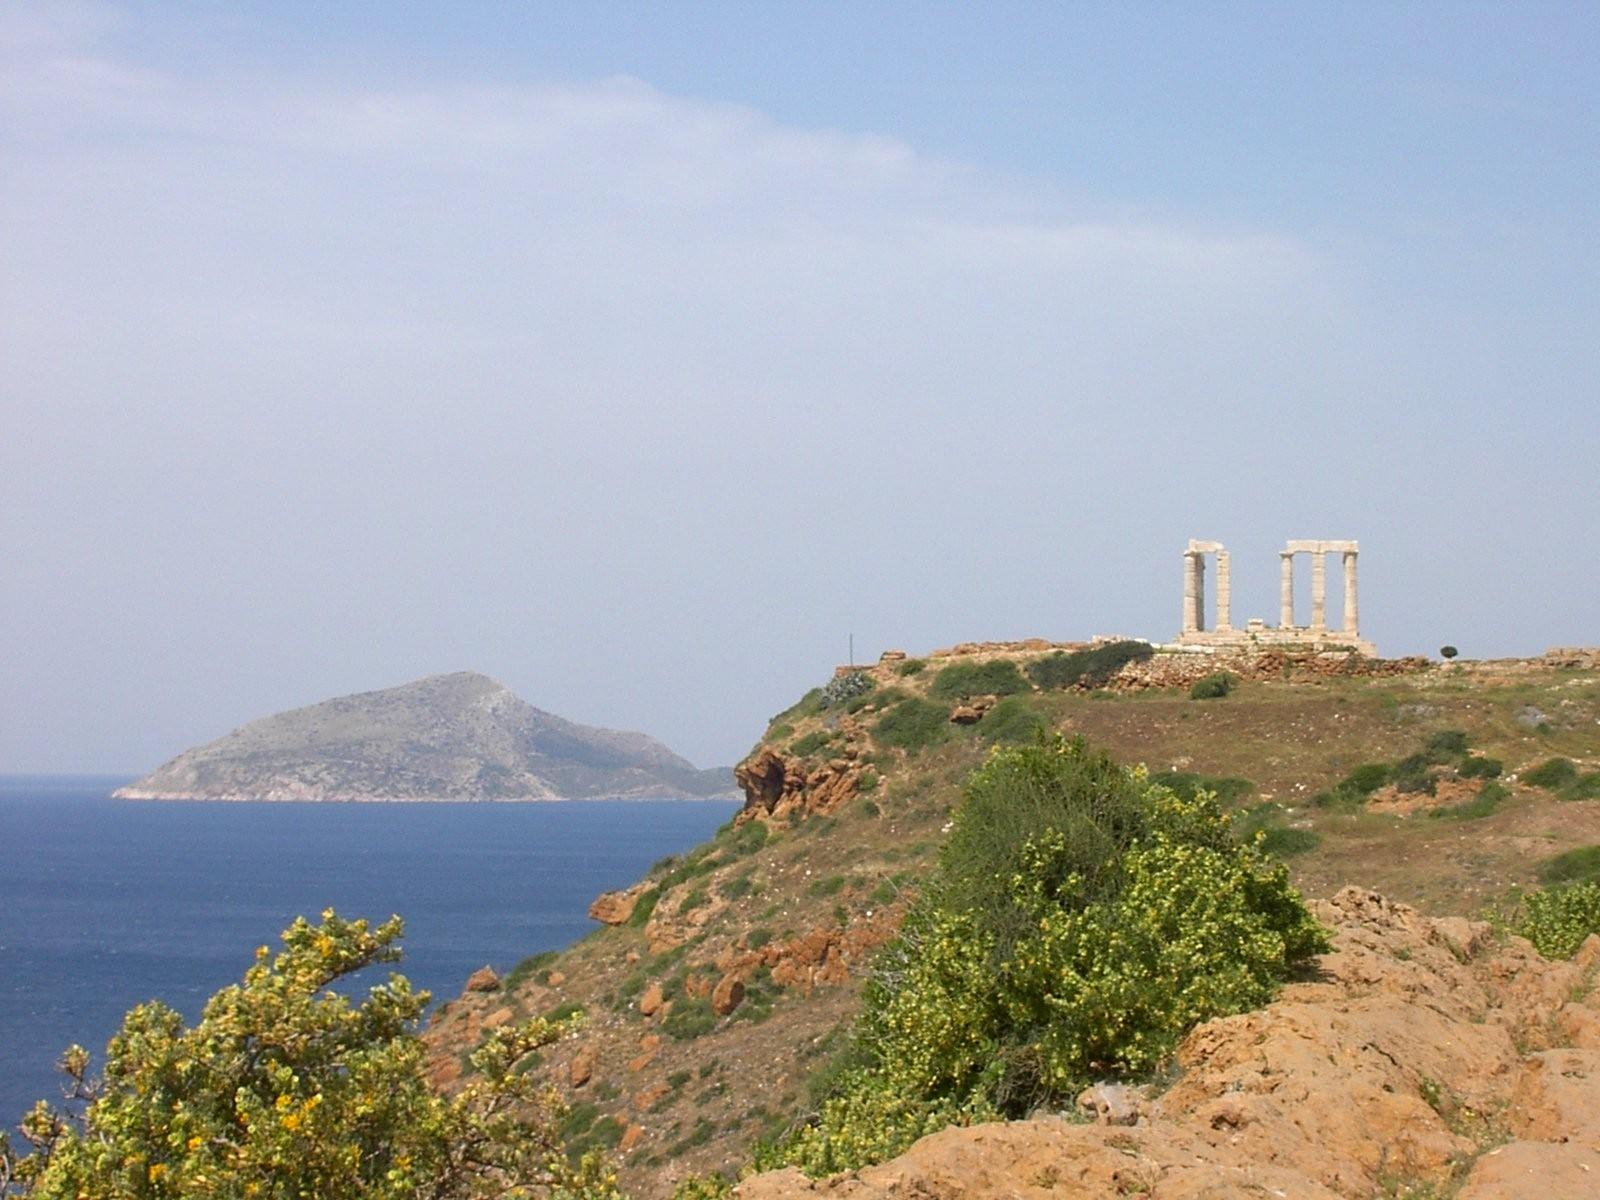 Ναός του Ποσειδώνα και Πάτροκλος στο βάθος